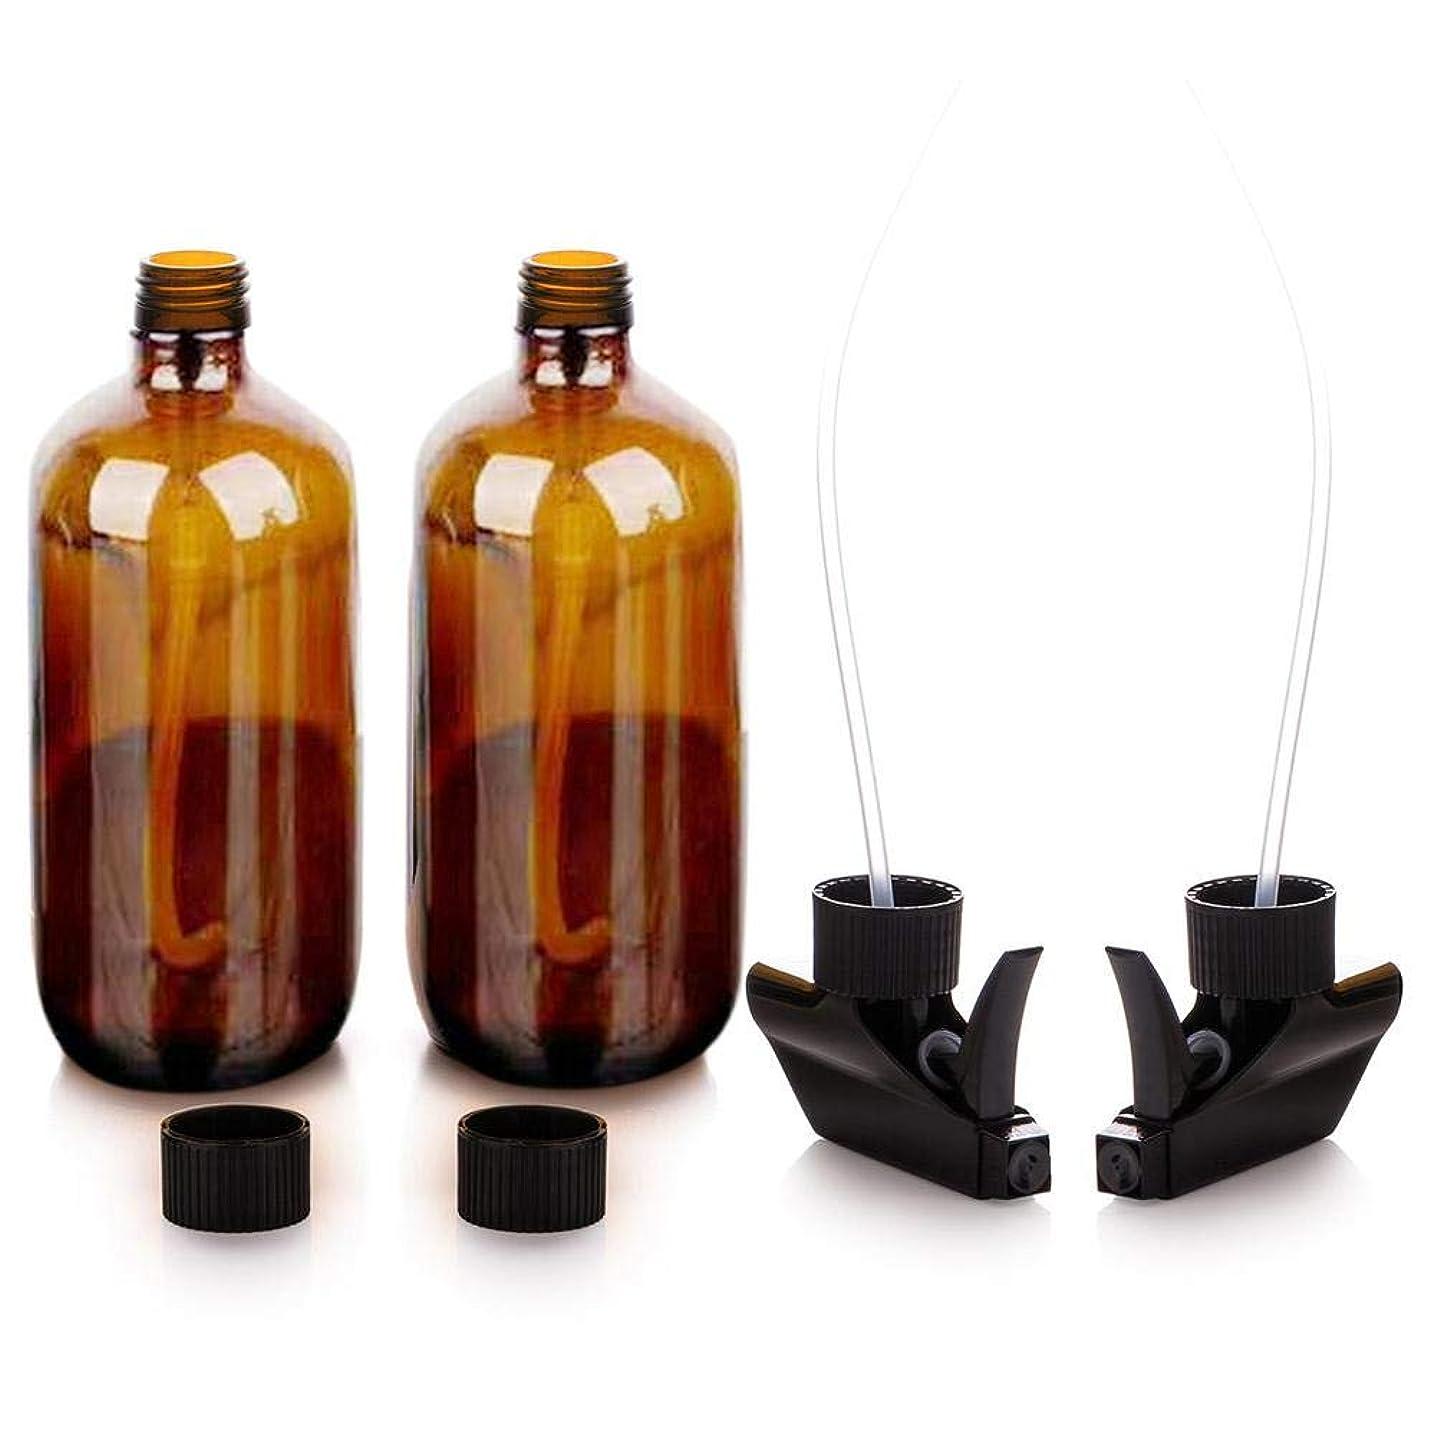 修士号医師望むスプレーボトル 遮光瓶 ガラス 微細 ミスト噴霧器 サロン理髪スプレー 植栽ツール 2ボトルキャップ付き 茶色